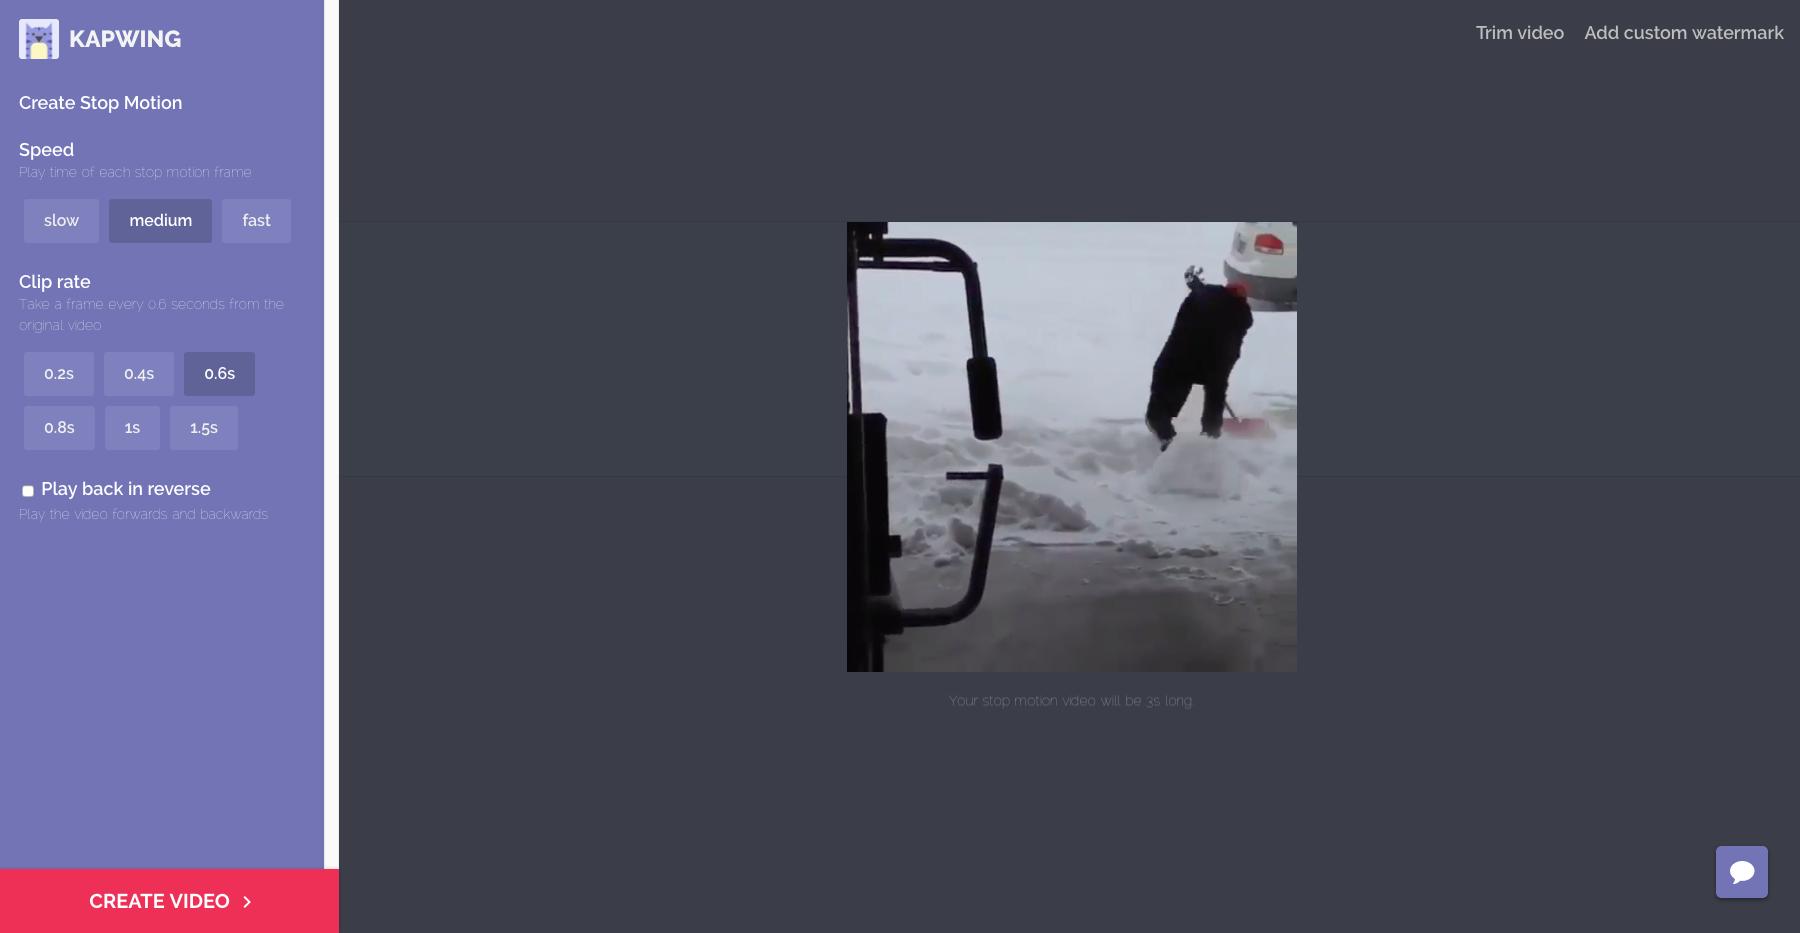 Screen Shot 2018-01-07 at 4.49.43 PM.png